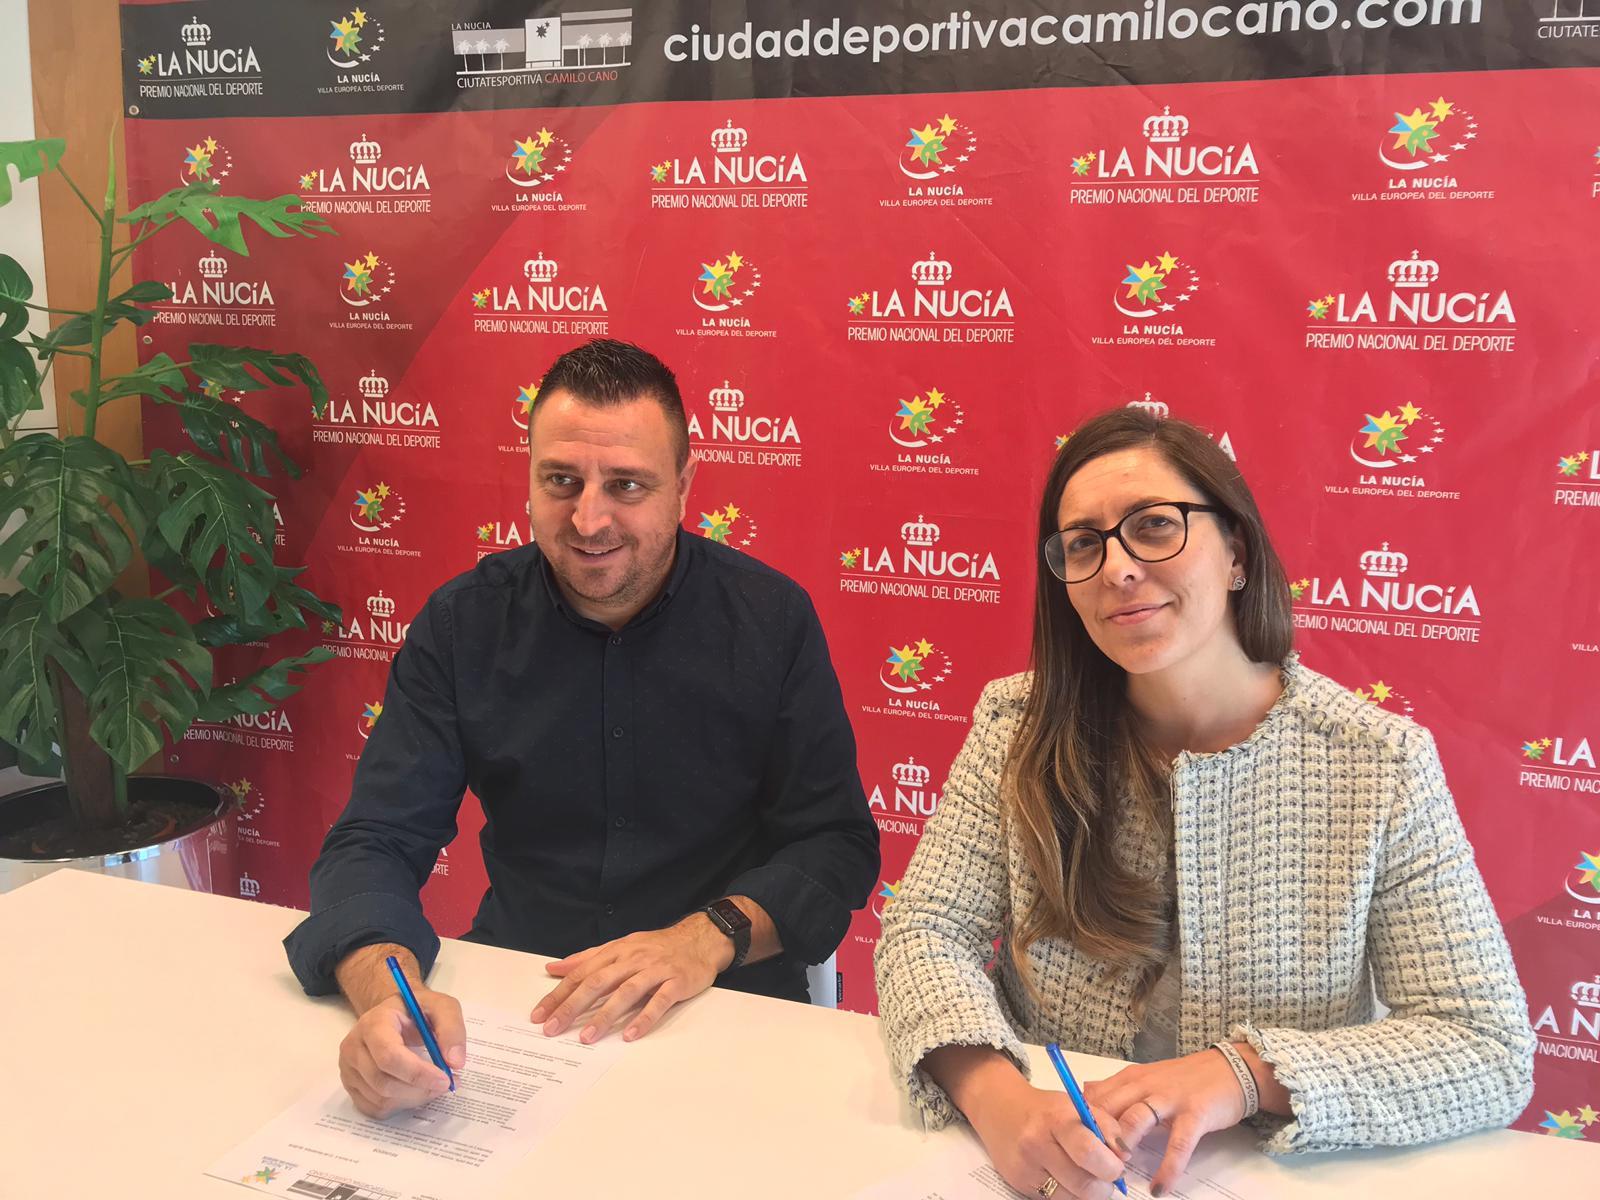 Loa Grados de Evolución Deportiva se implantarán en La Nucia